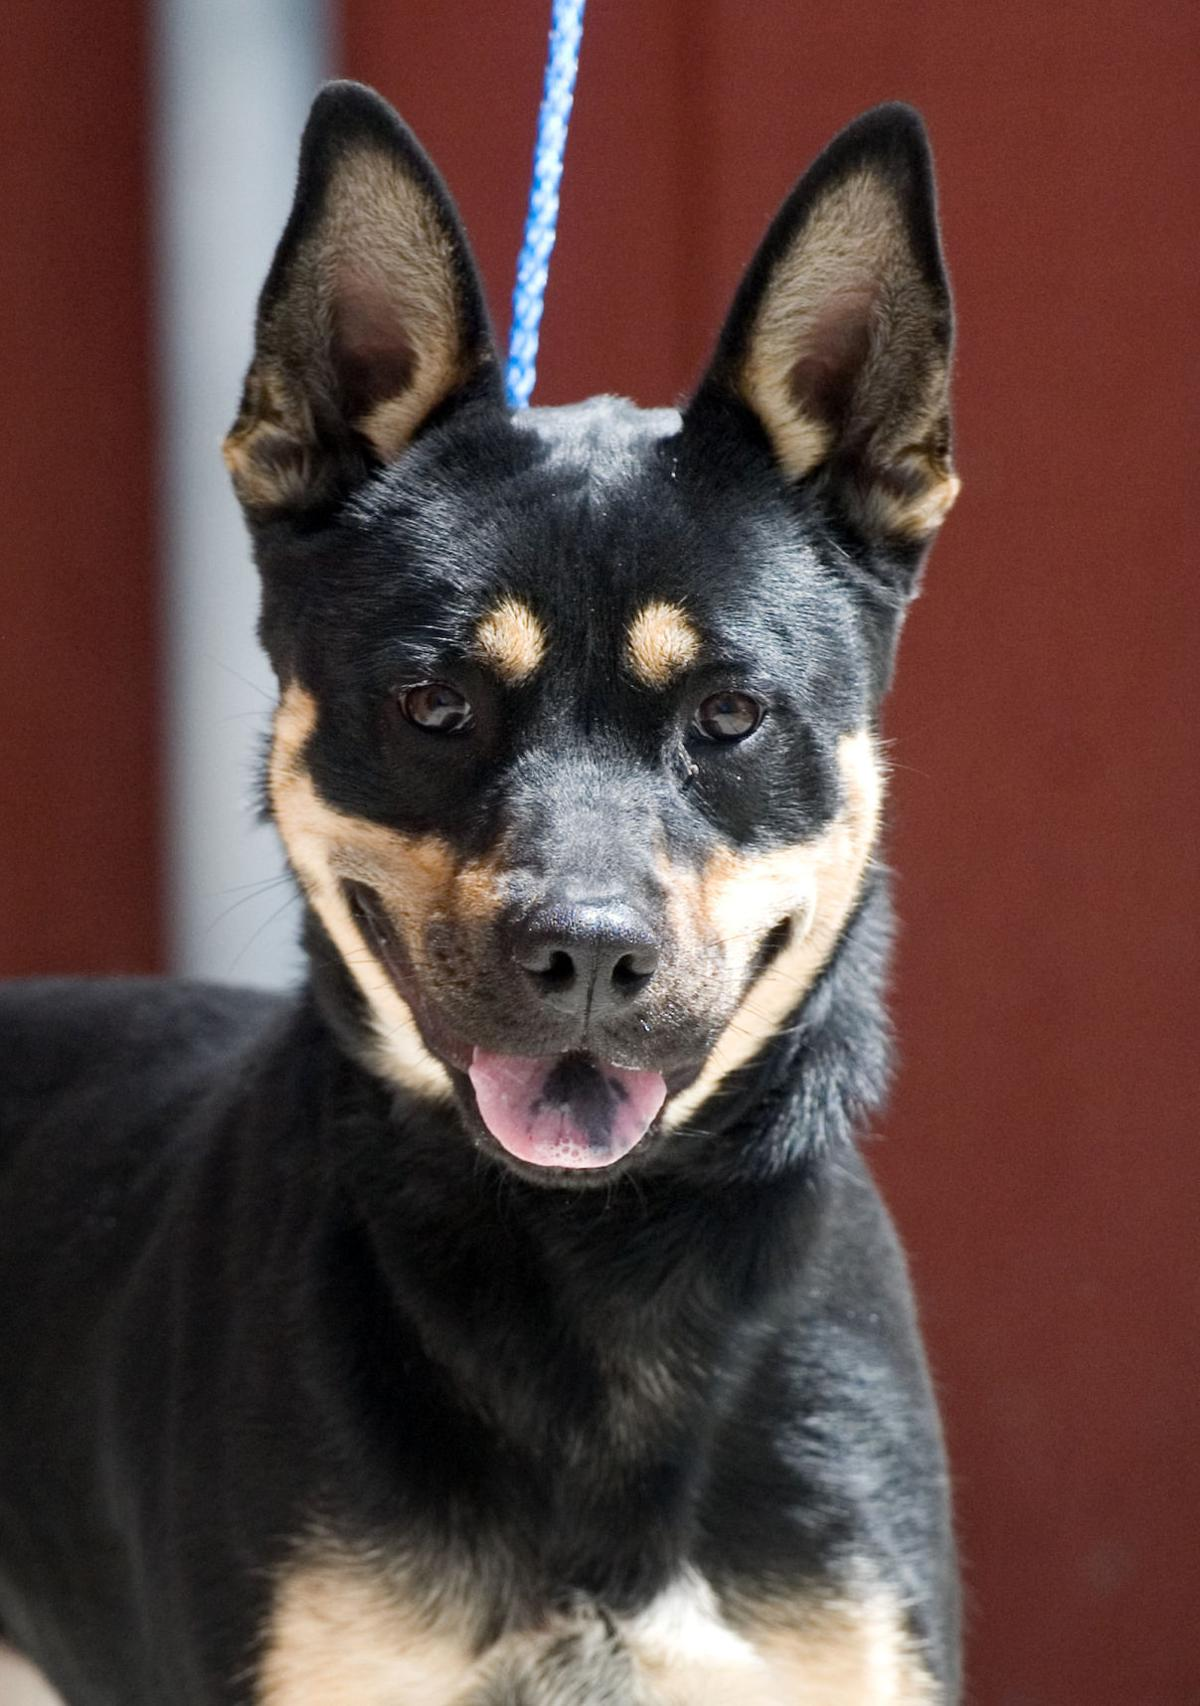 042515-mat-pets-dog-KK.jpg